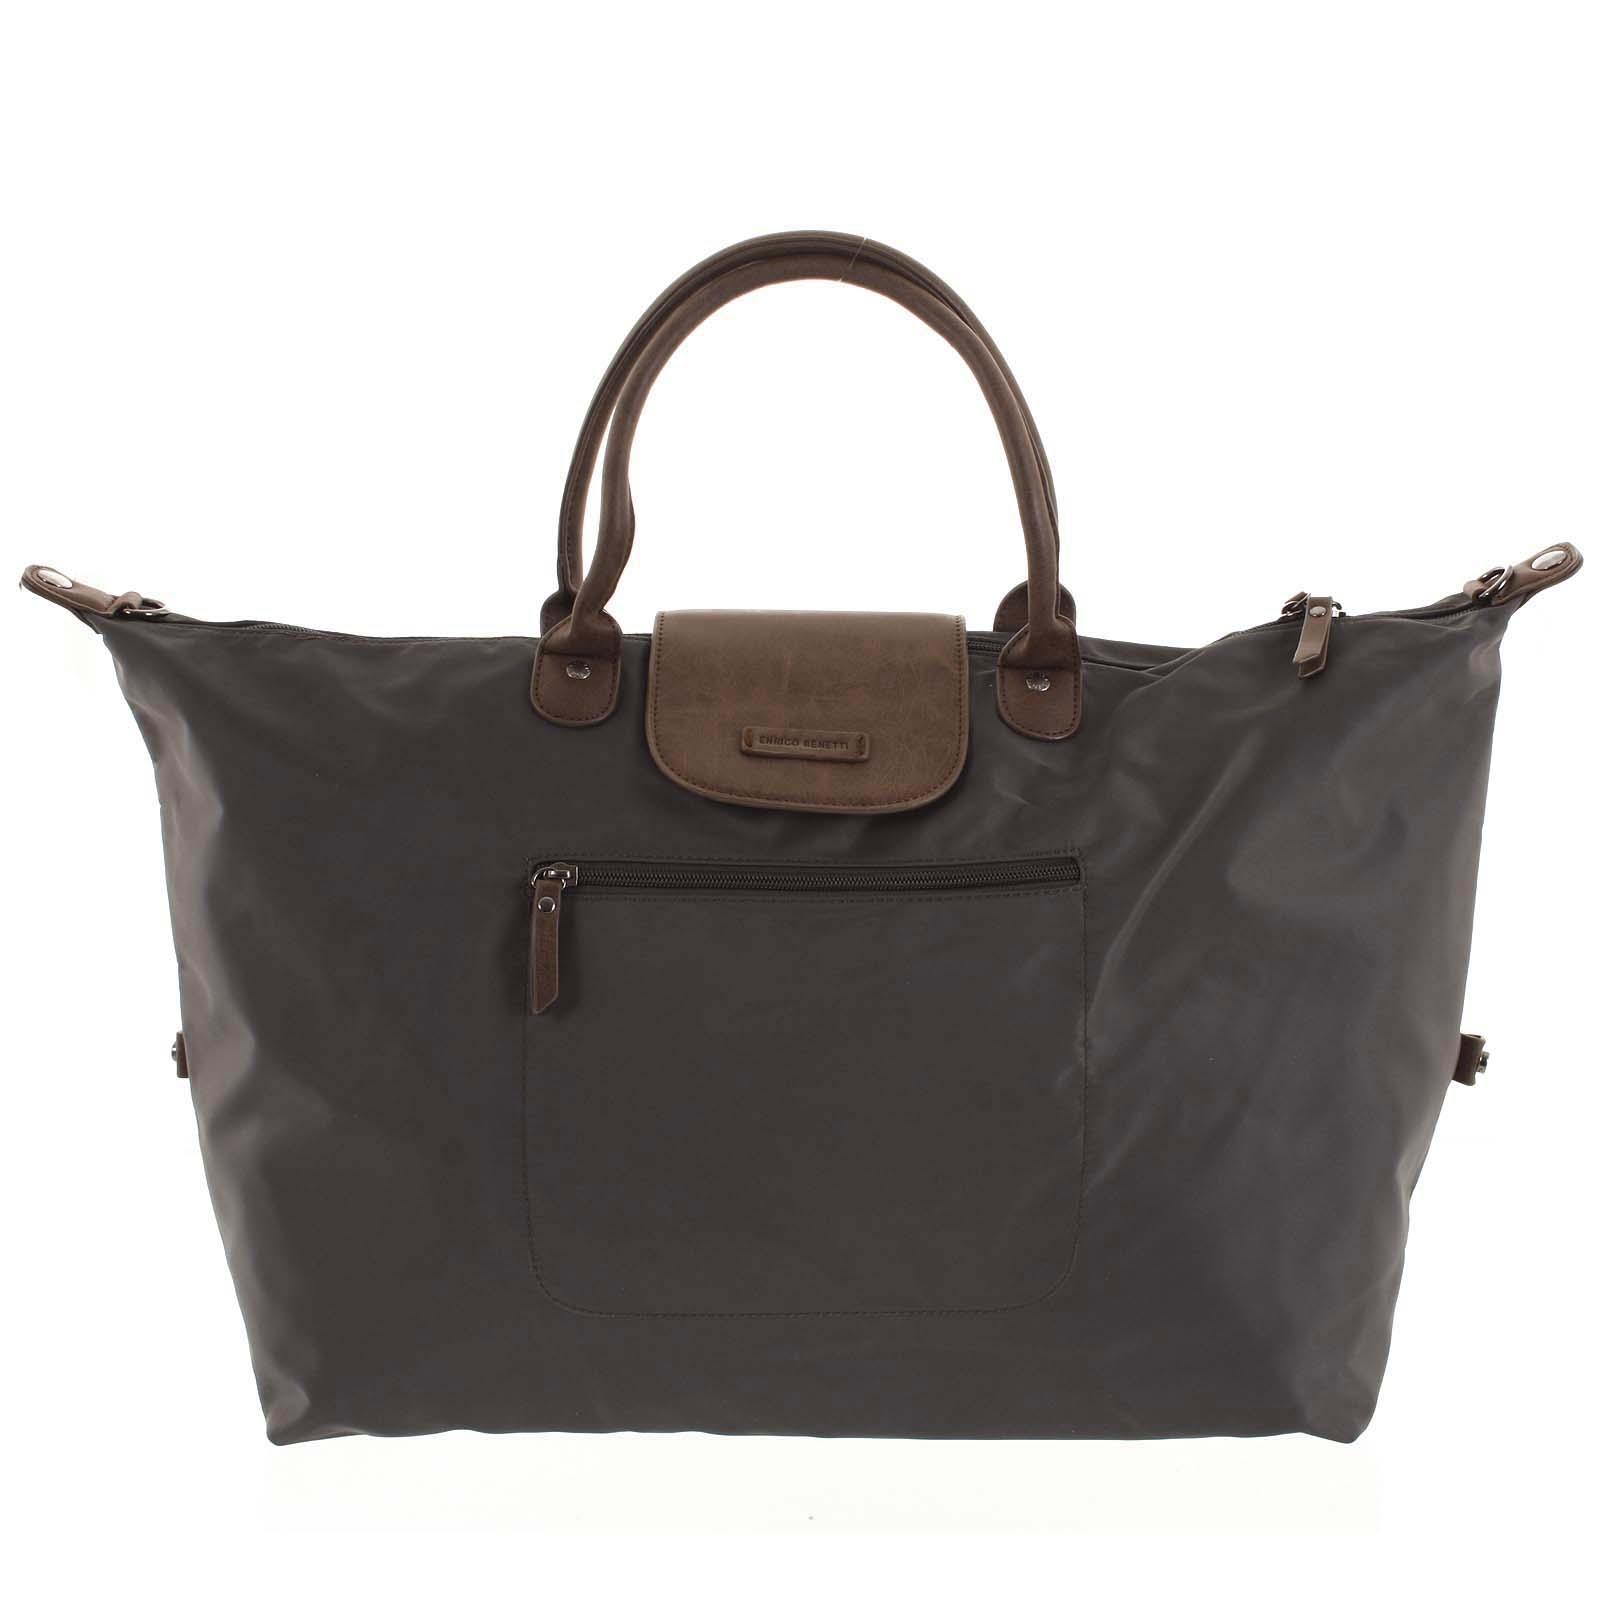 Vodeodolná cestovná taška tmavosivá - Enrico Benetti Maroony